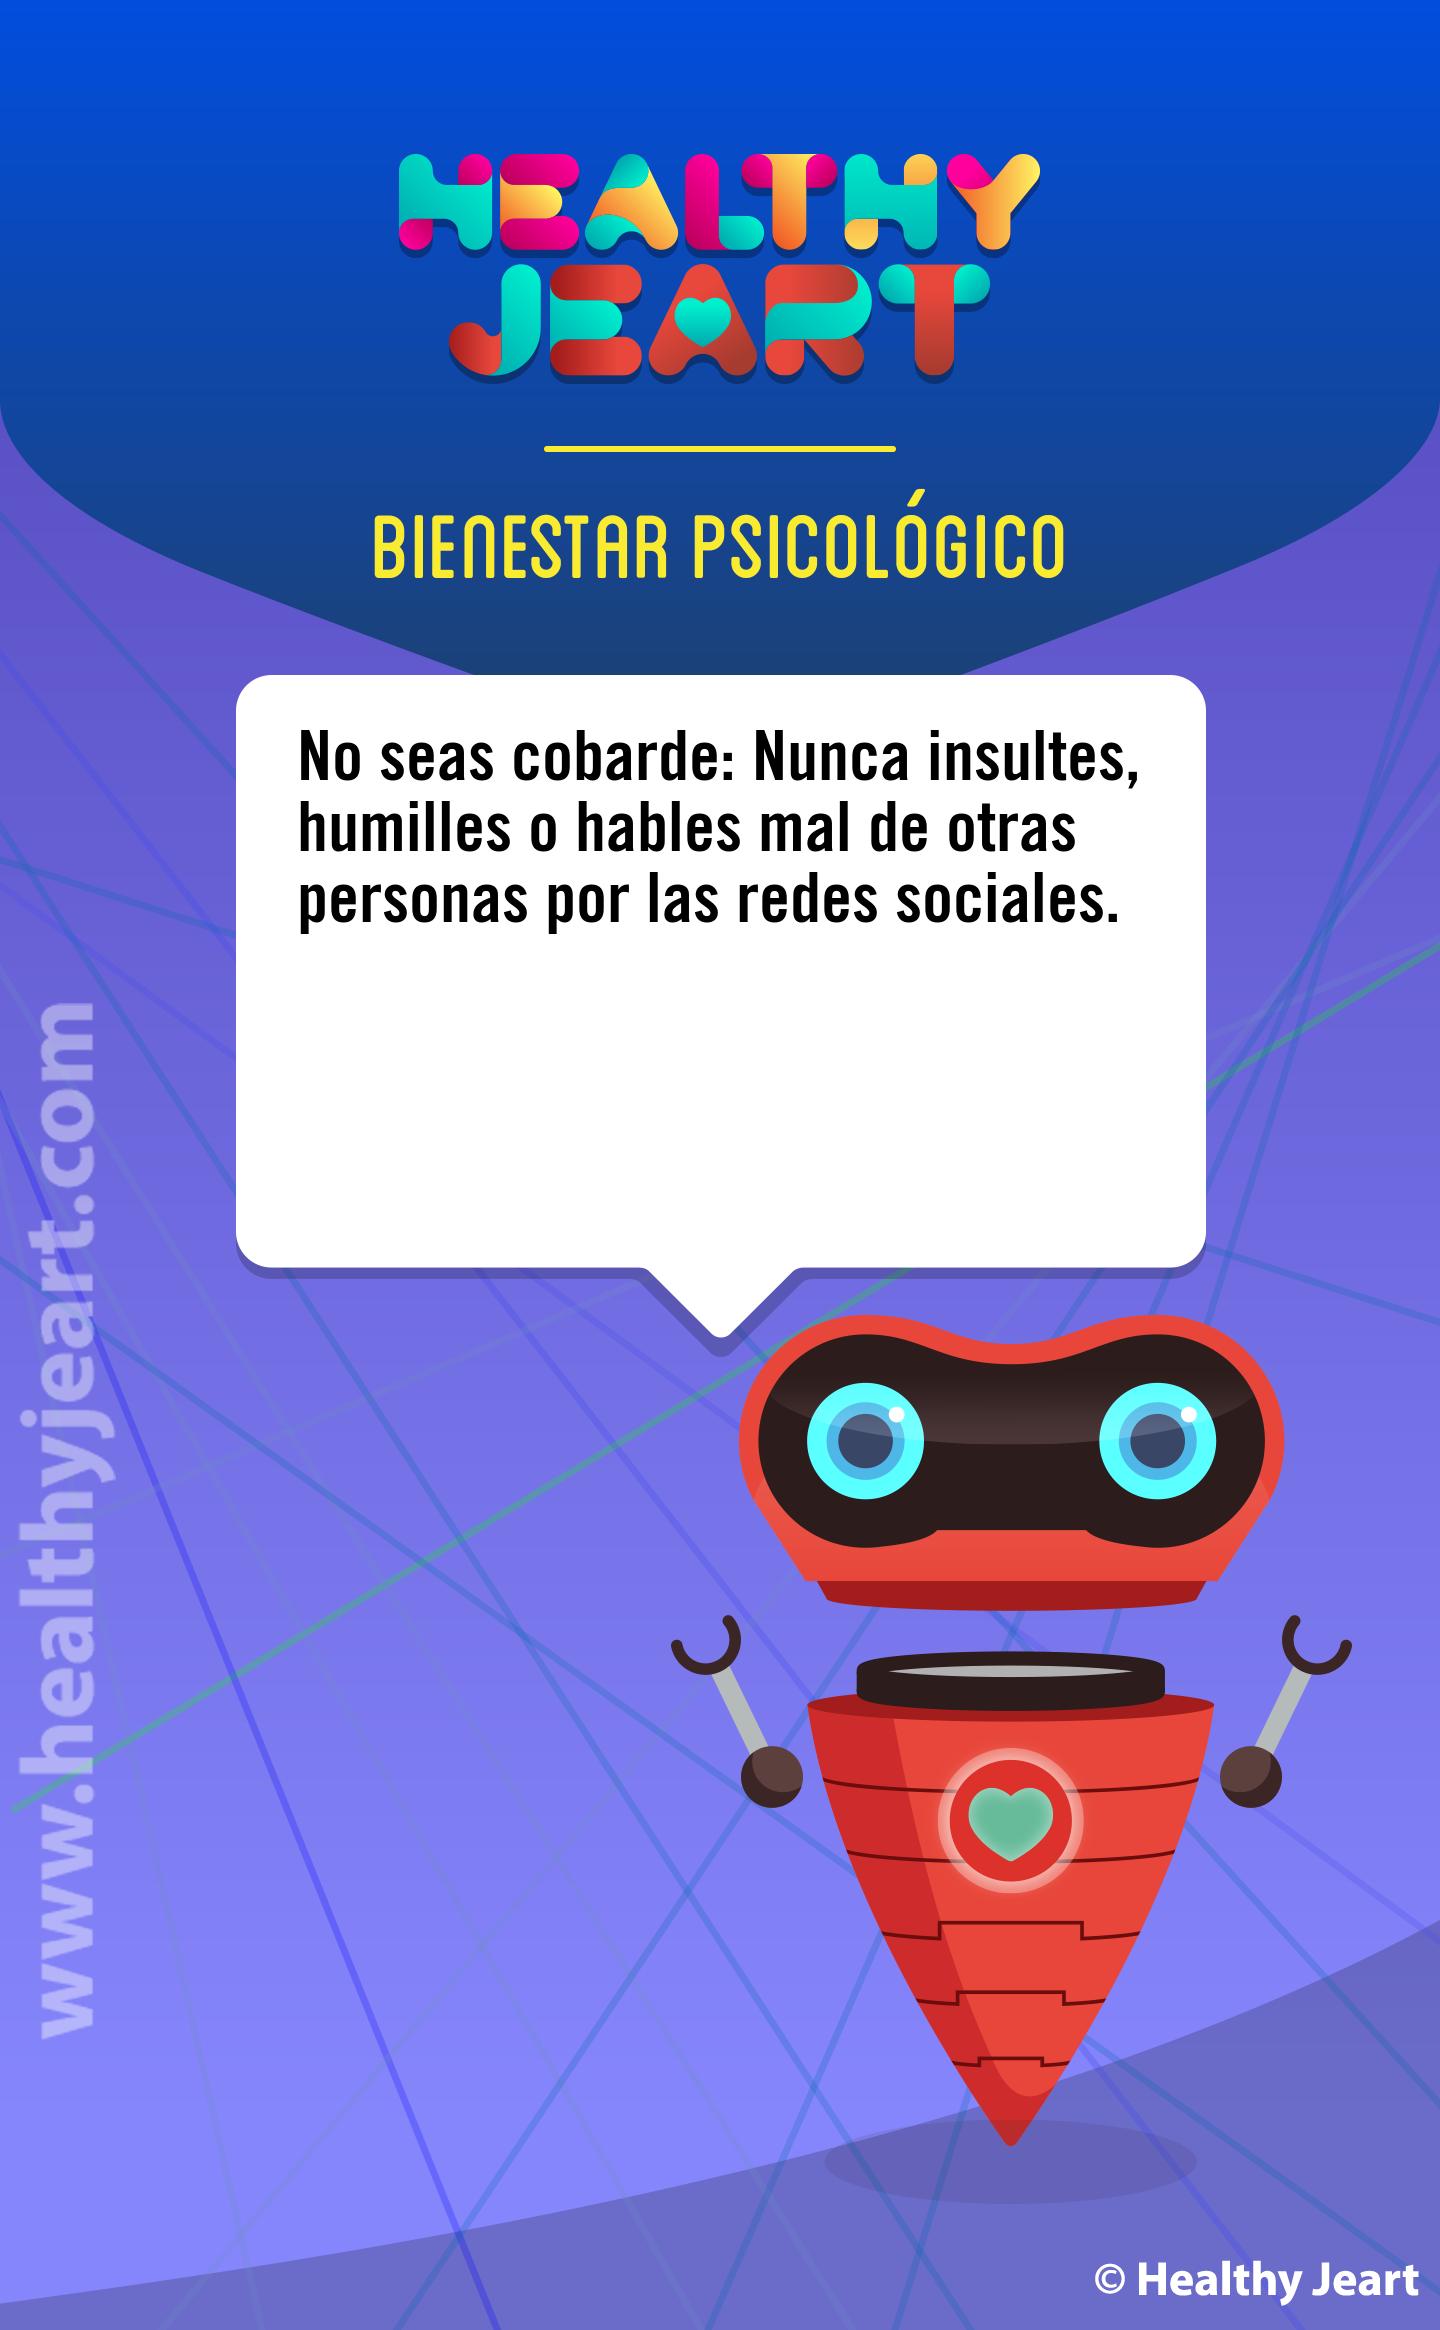 No seas cobarde: Nunca insultes, humilles o hables mal de otras personas por las redes sociales.